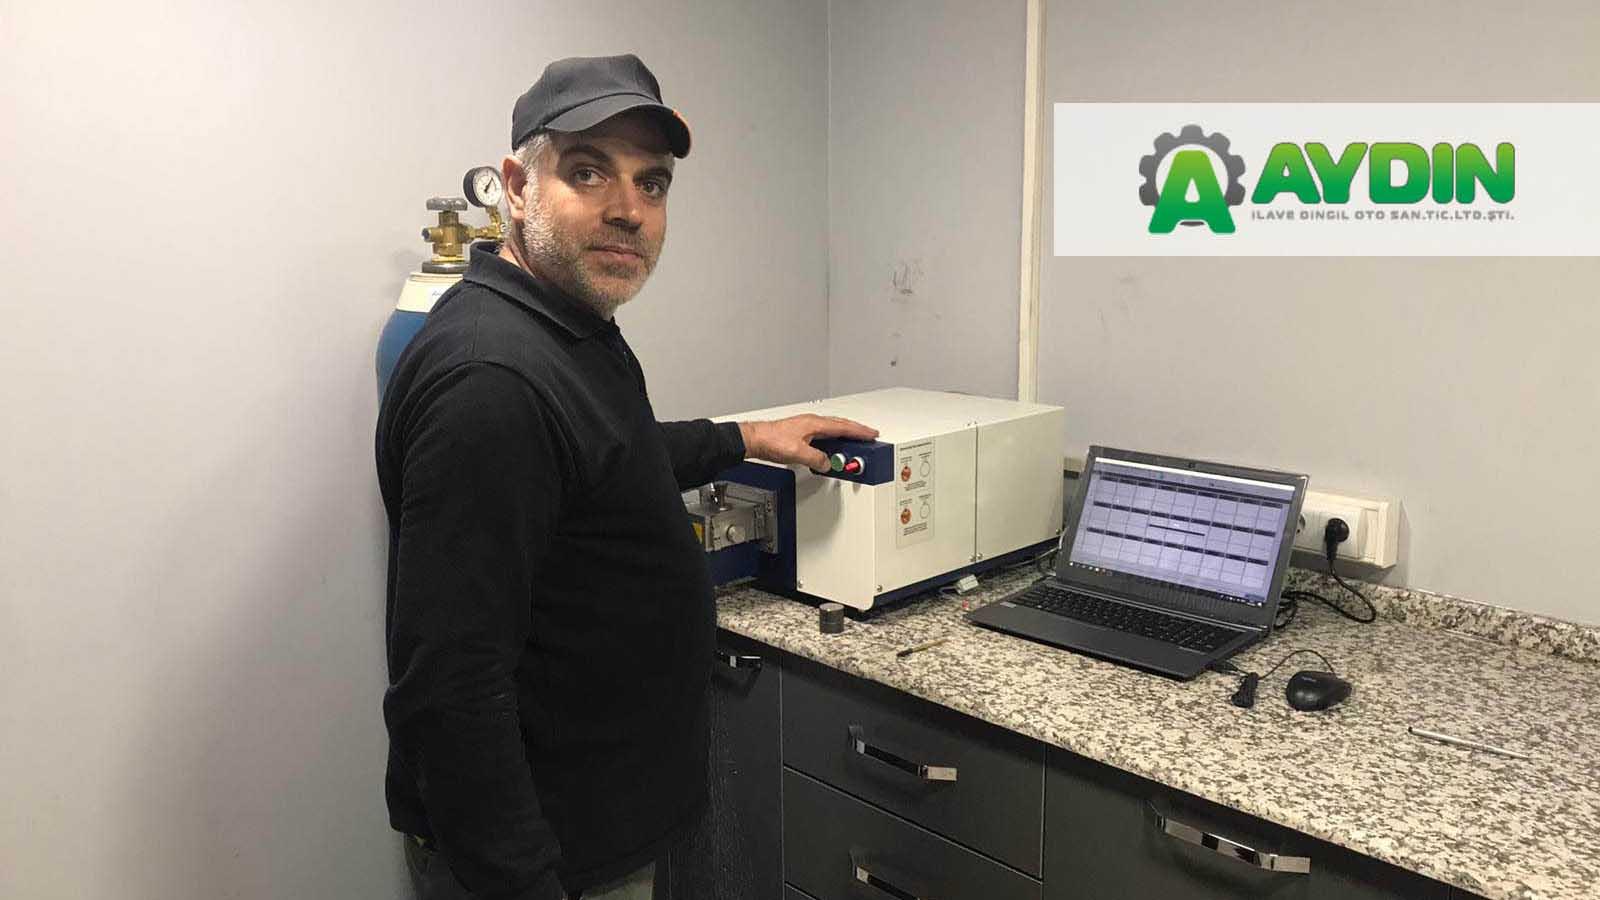 Aydın İlave, Üretiminde Hitachi Foundry Master Smart Optik Emisyon Spektrometresini Kullanıyor!